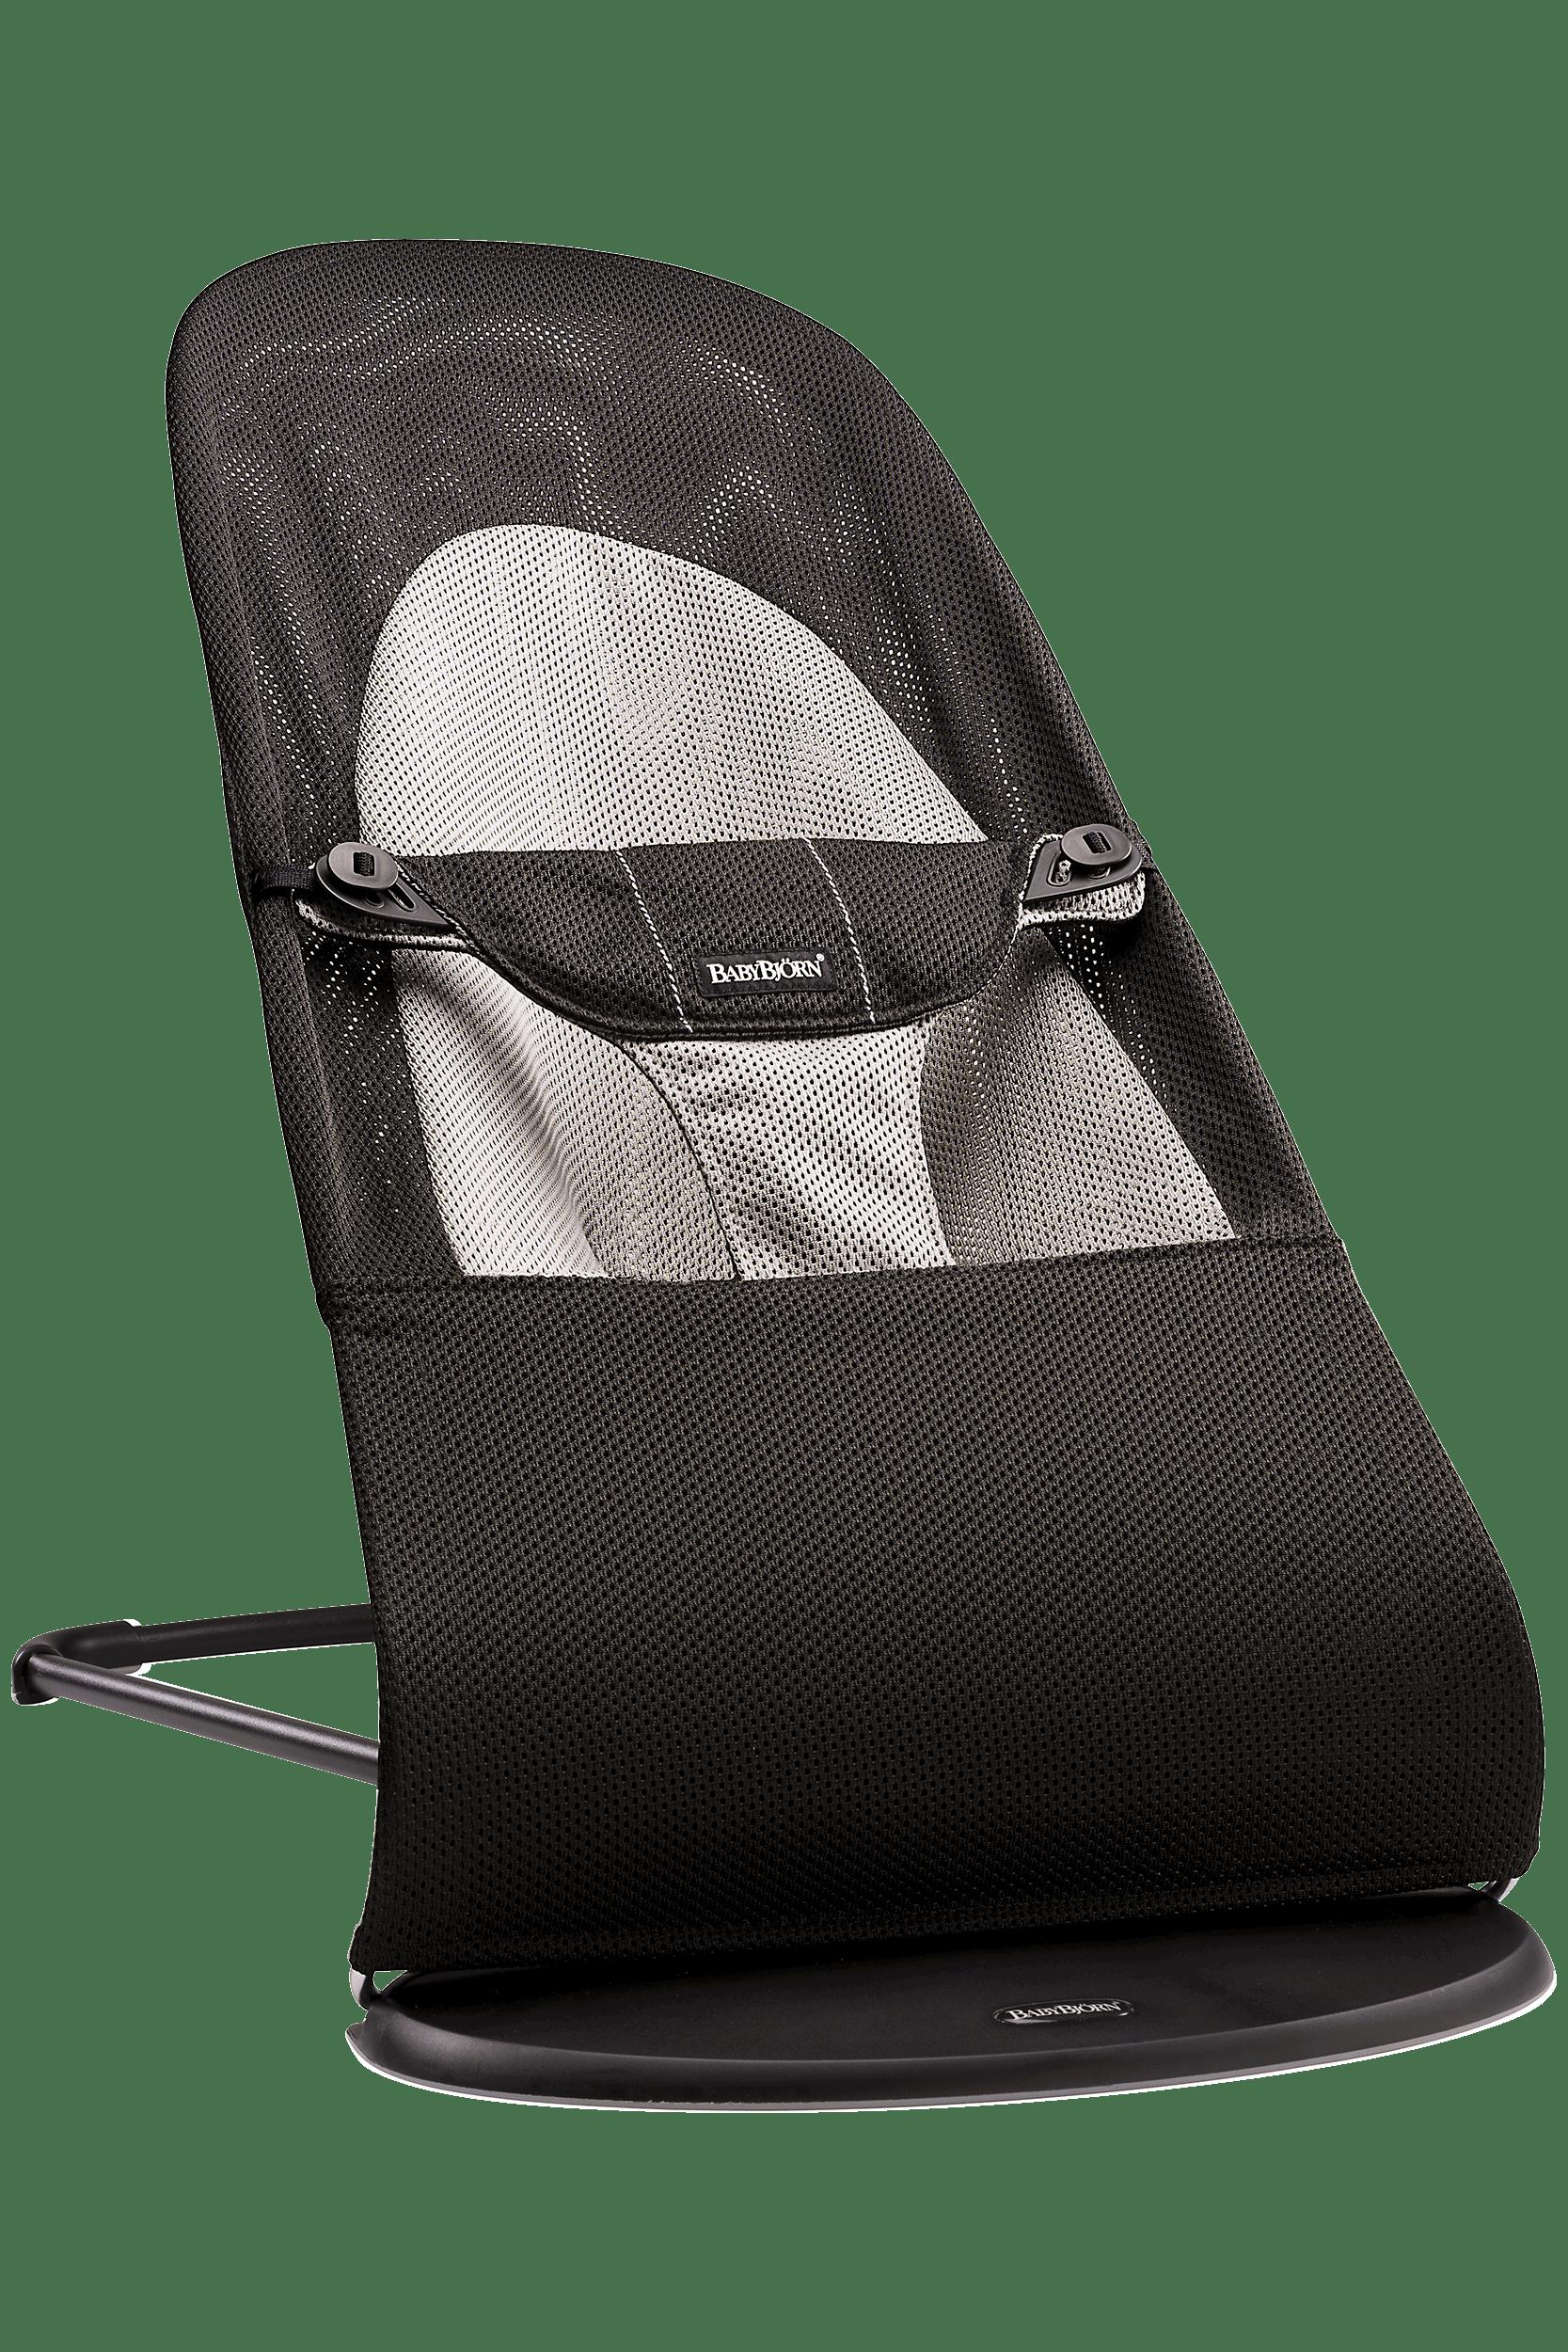 Babysitter Balance Soft Svart-grå i luftig Mesh - BABYBJÖRN